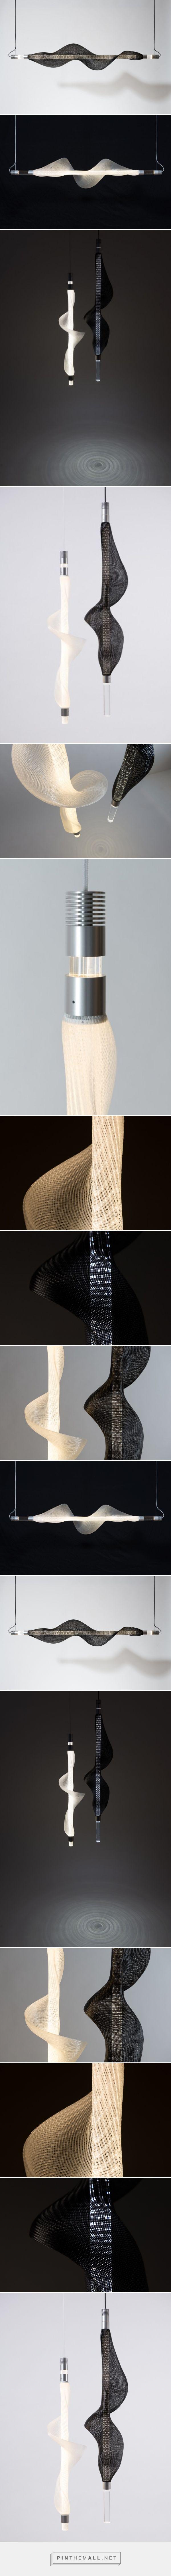 VAPOUR light | Studio Thier